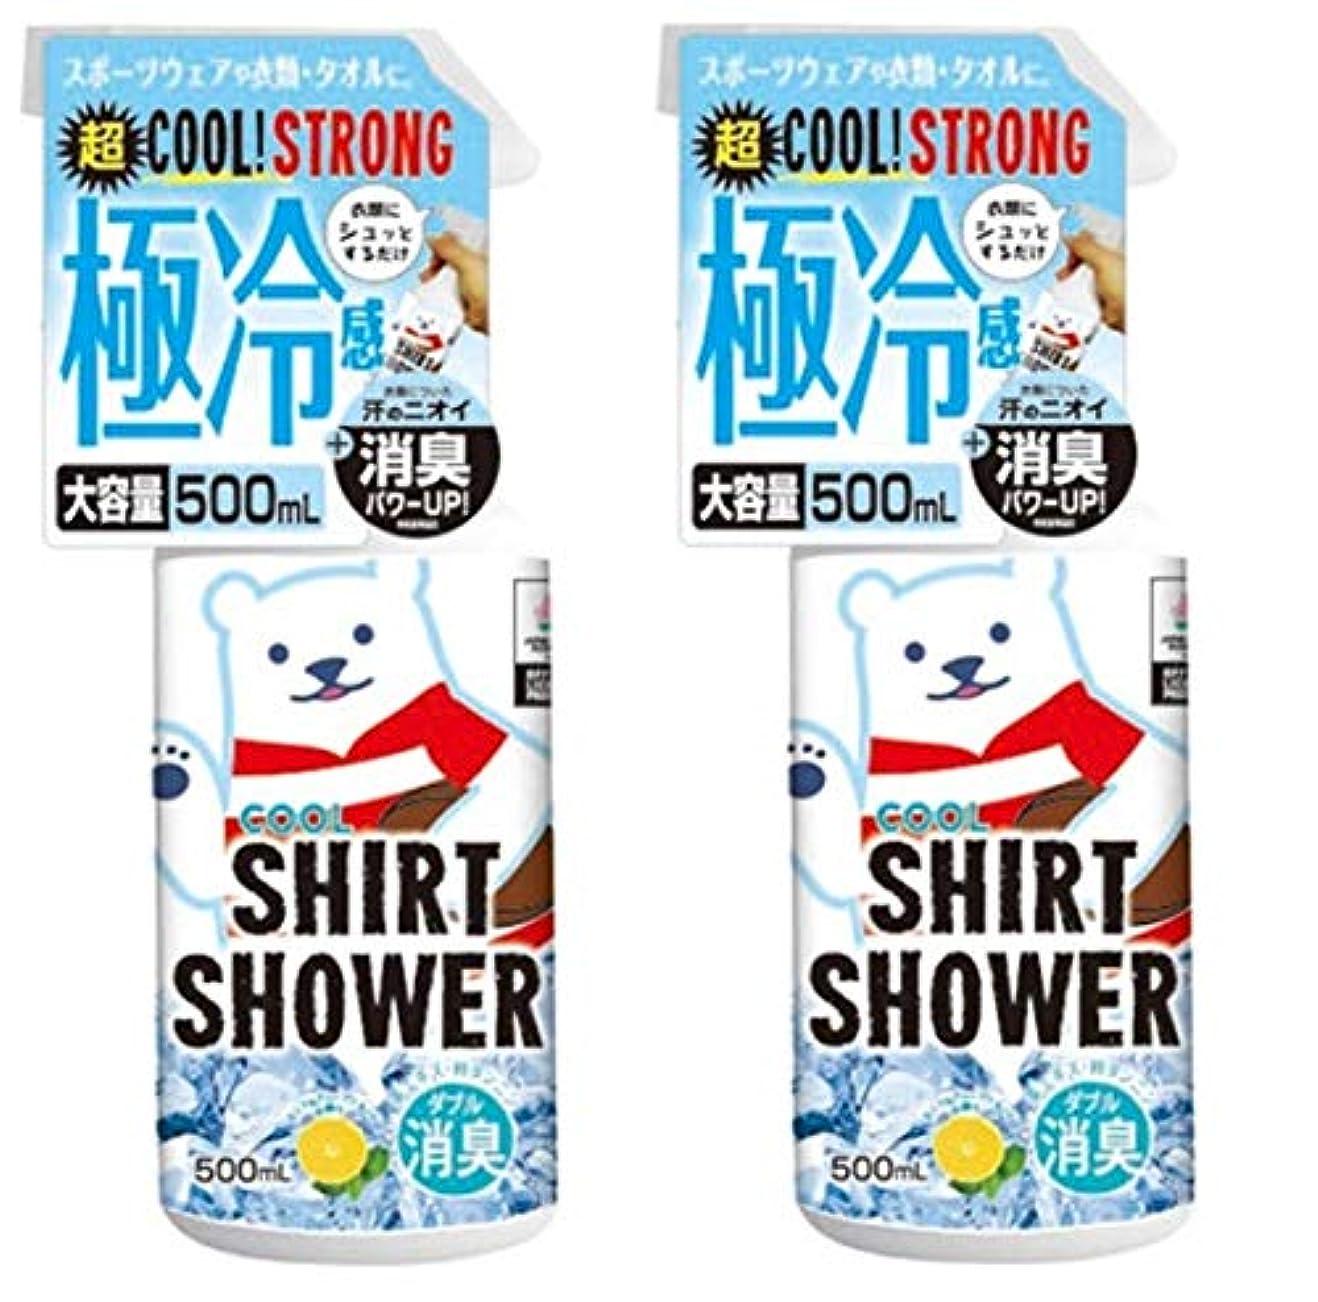 主流パーチナシティ手術【数量限定】ラグビー日本代表コラボ ひんやりシャツシャワー ストロングラグビー 500ml (2個)